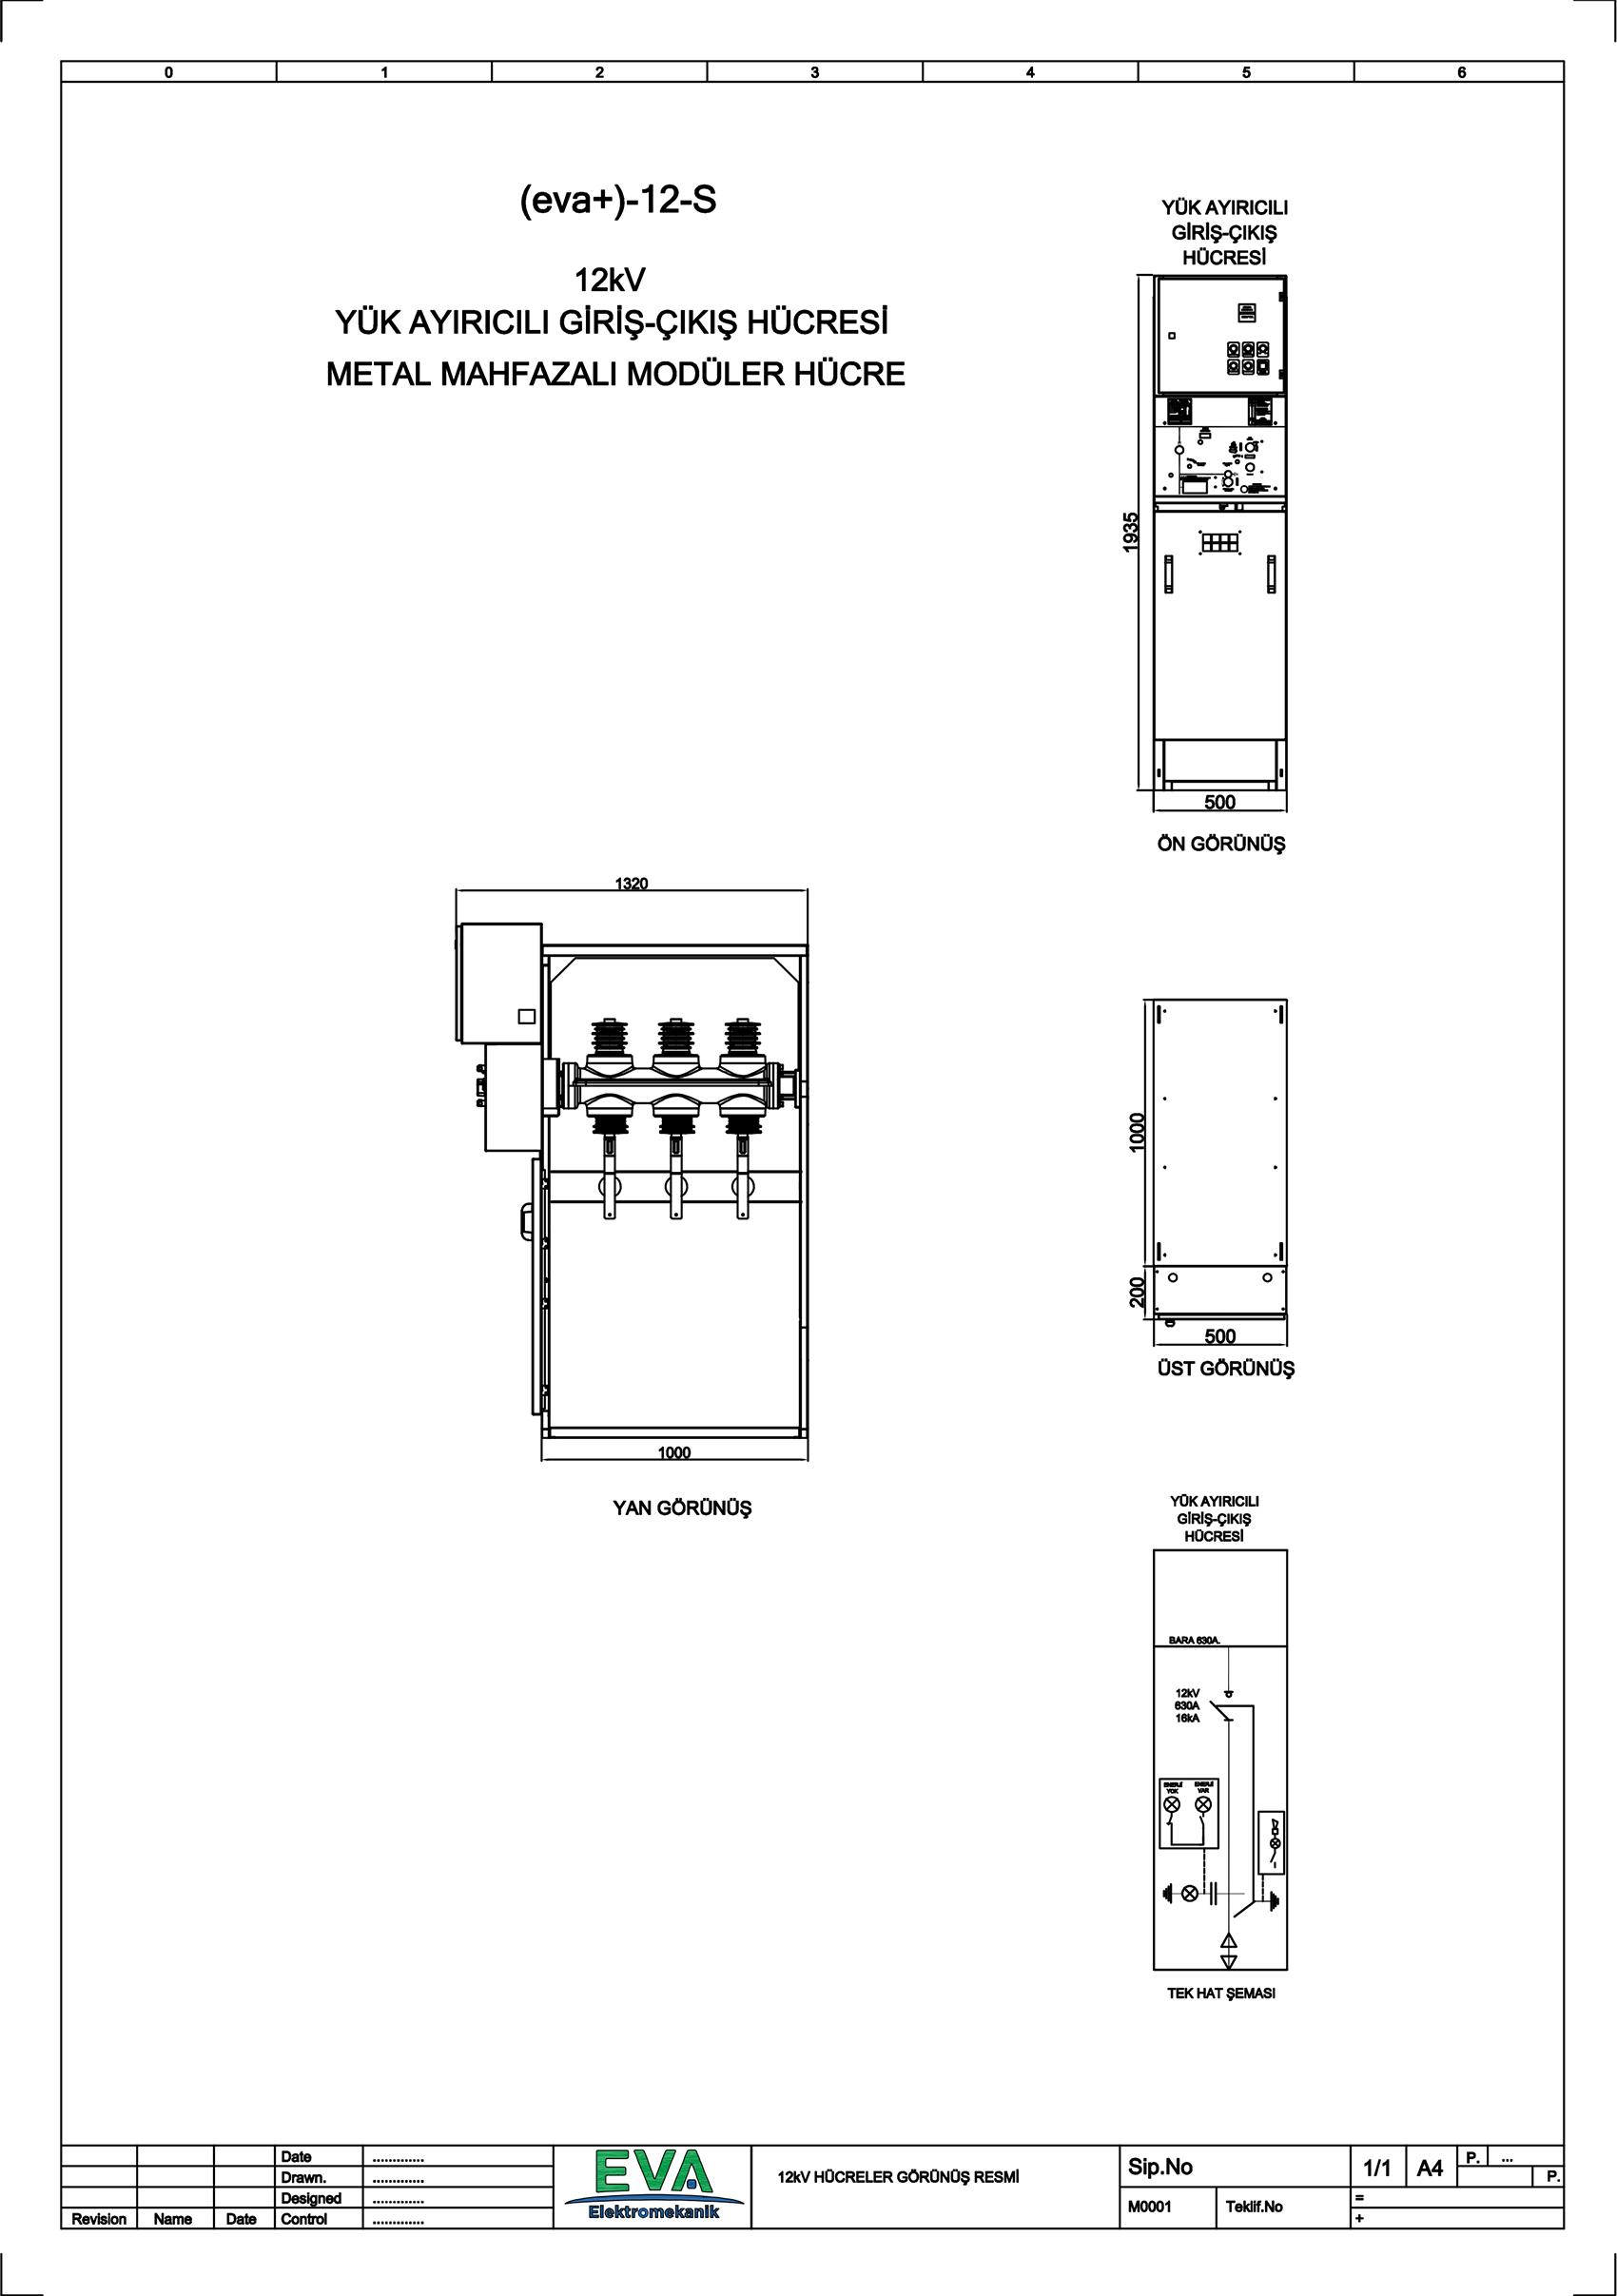 EVA+-12-S Yük Ayırıcılı Giriş Çıkış Hücresi (Metal Mahfazalı Modüler Hücre)